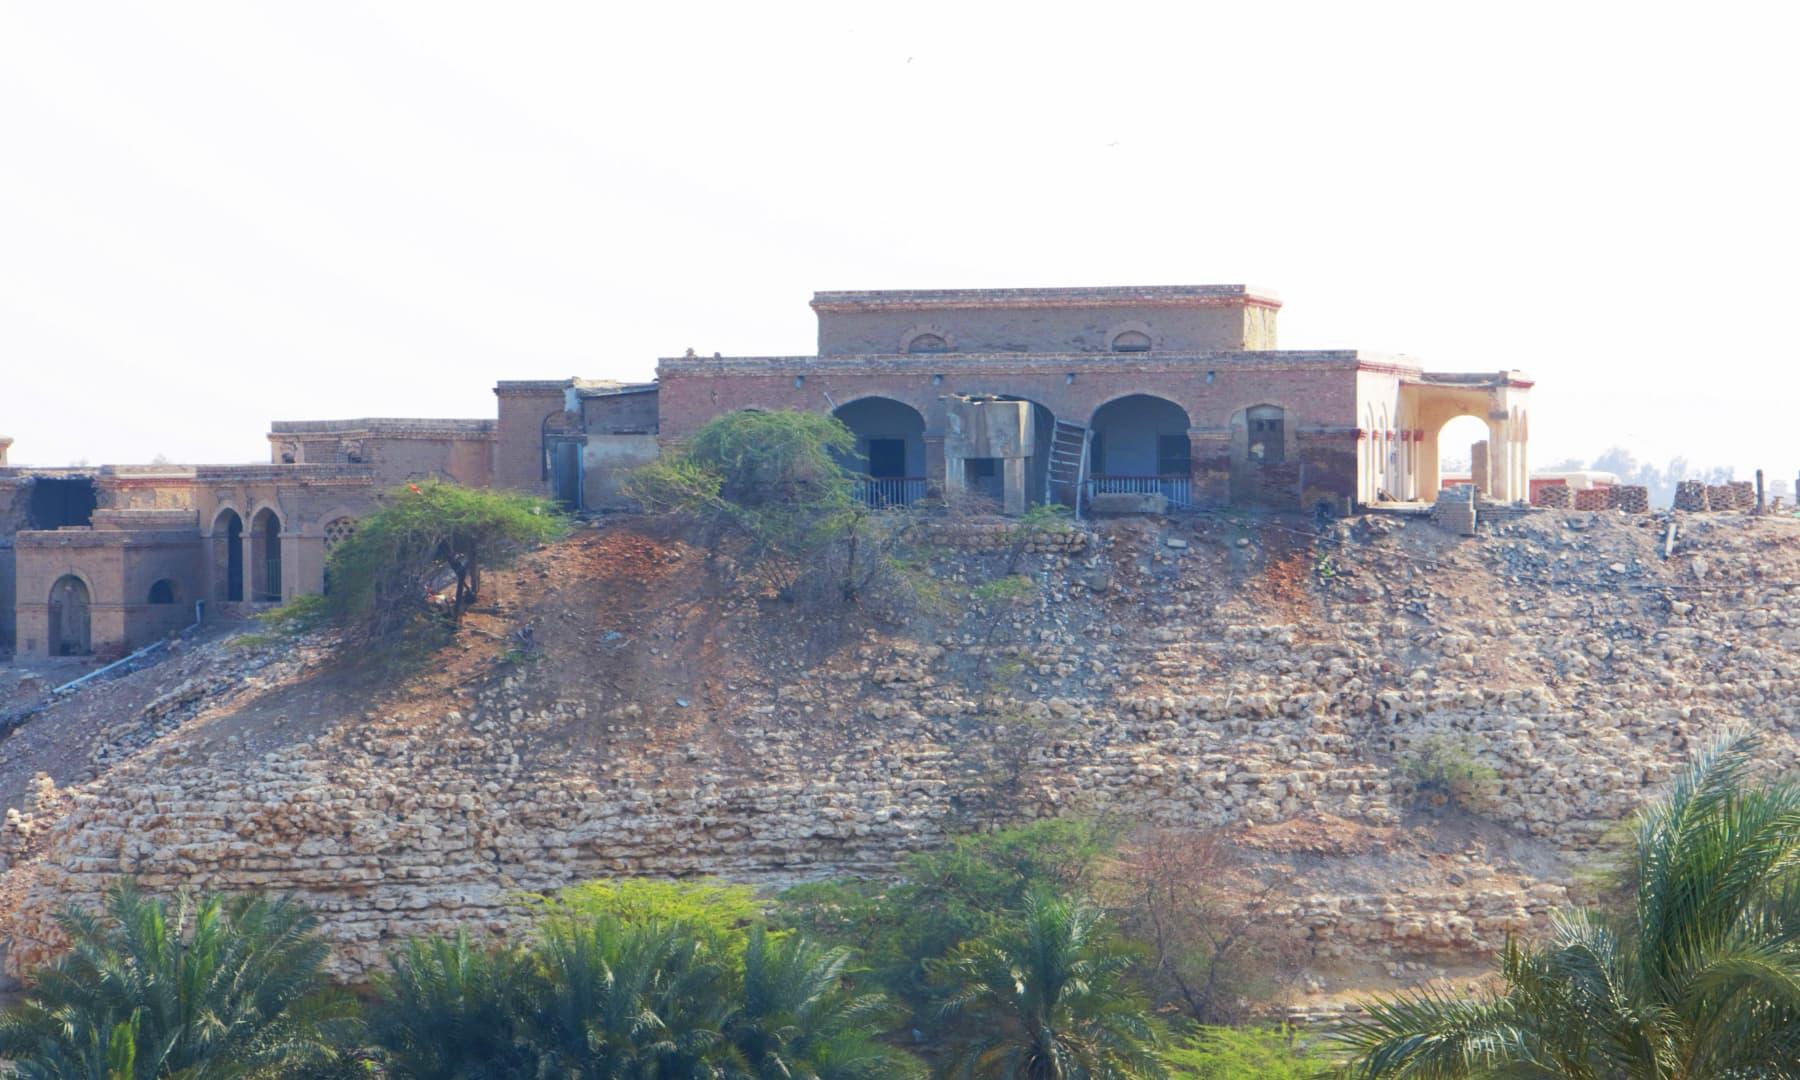 وہ عمارت ہے جہاں انگریز حکومت نے 1930ء میں حروں کے اس وقت کے روحانی پیشوا پیر صبغت اللہ شاہ راشدی کو 10 سال قیدِ بامشقت کی سزا سنائی تھی—تصویر ابراہیم کنبھر